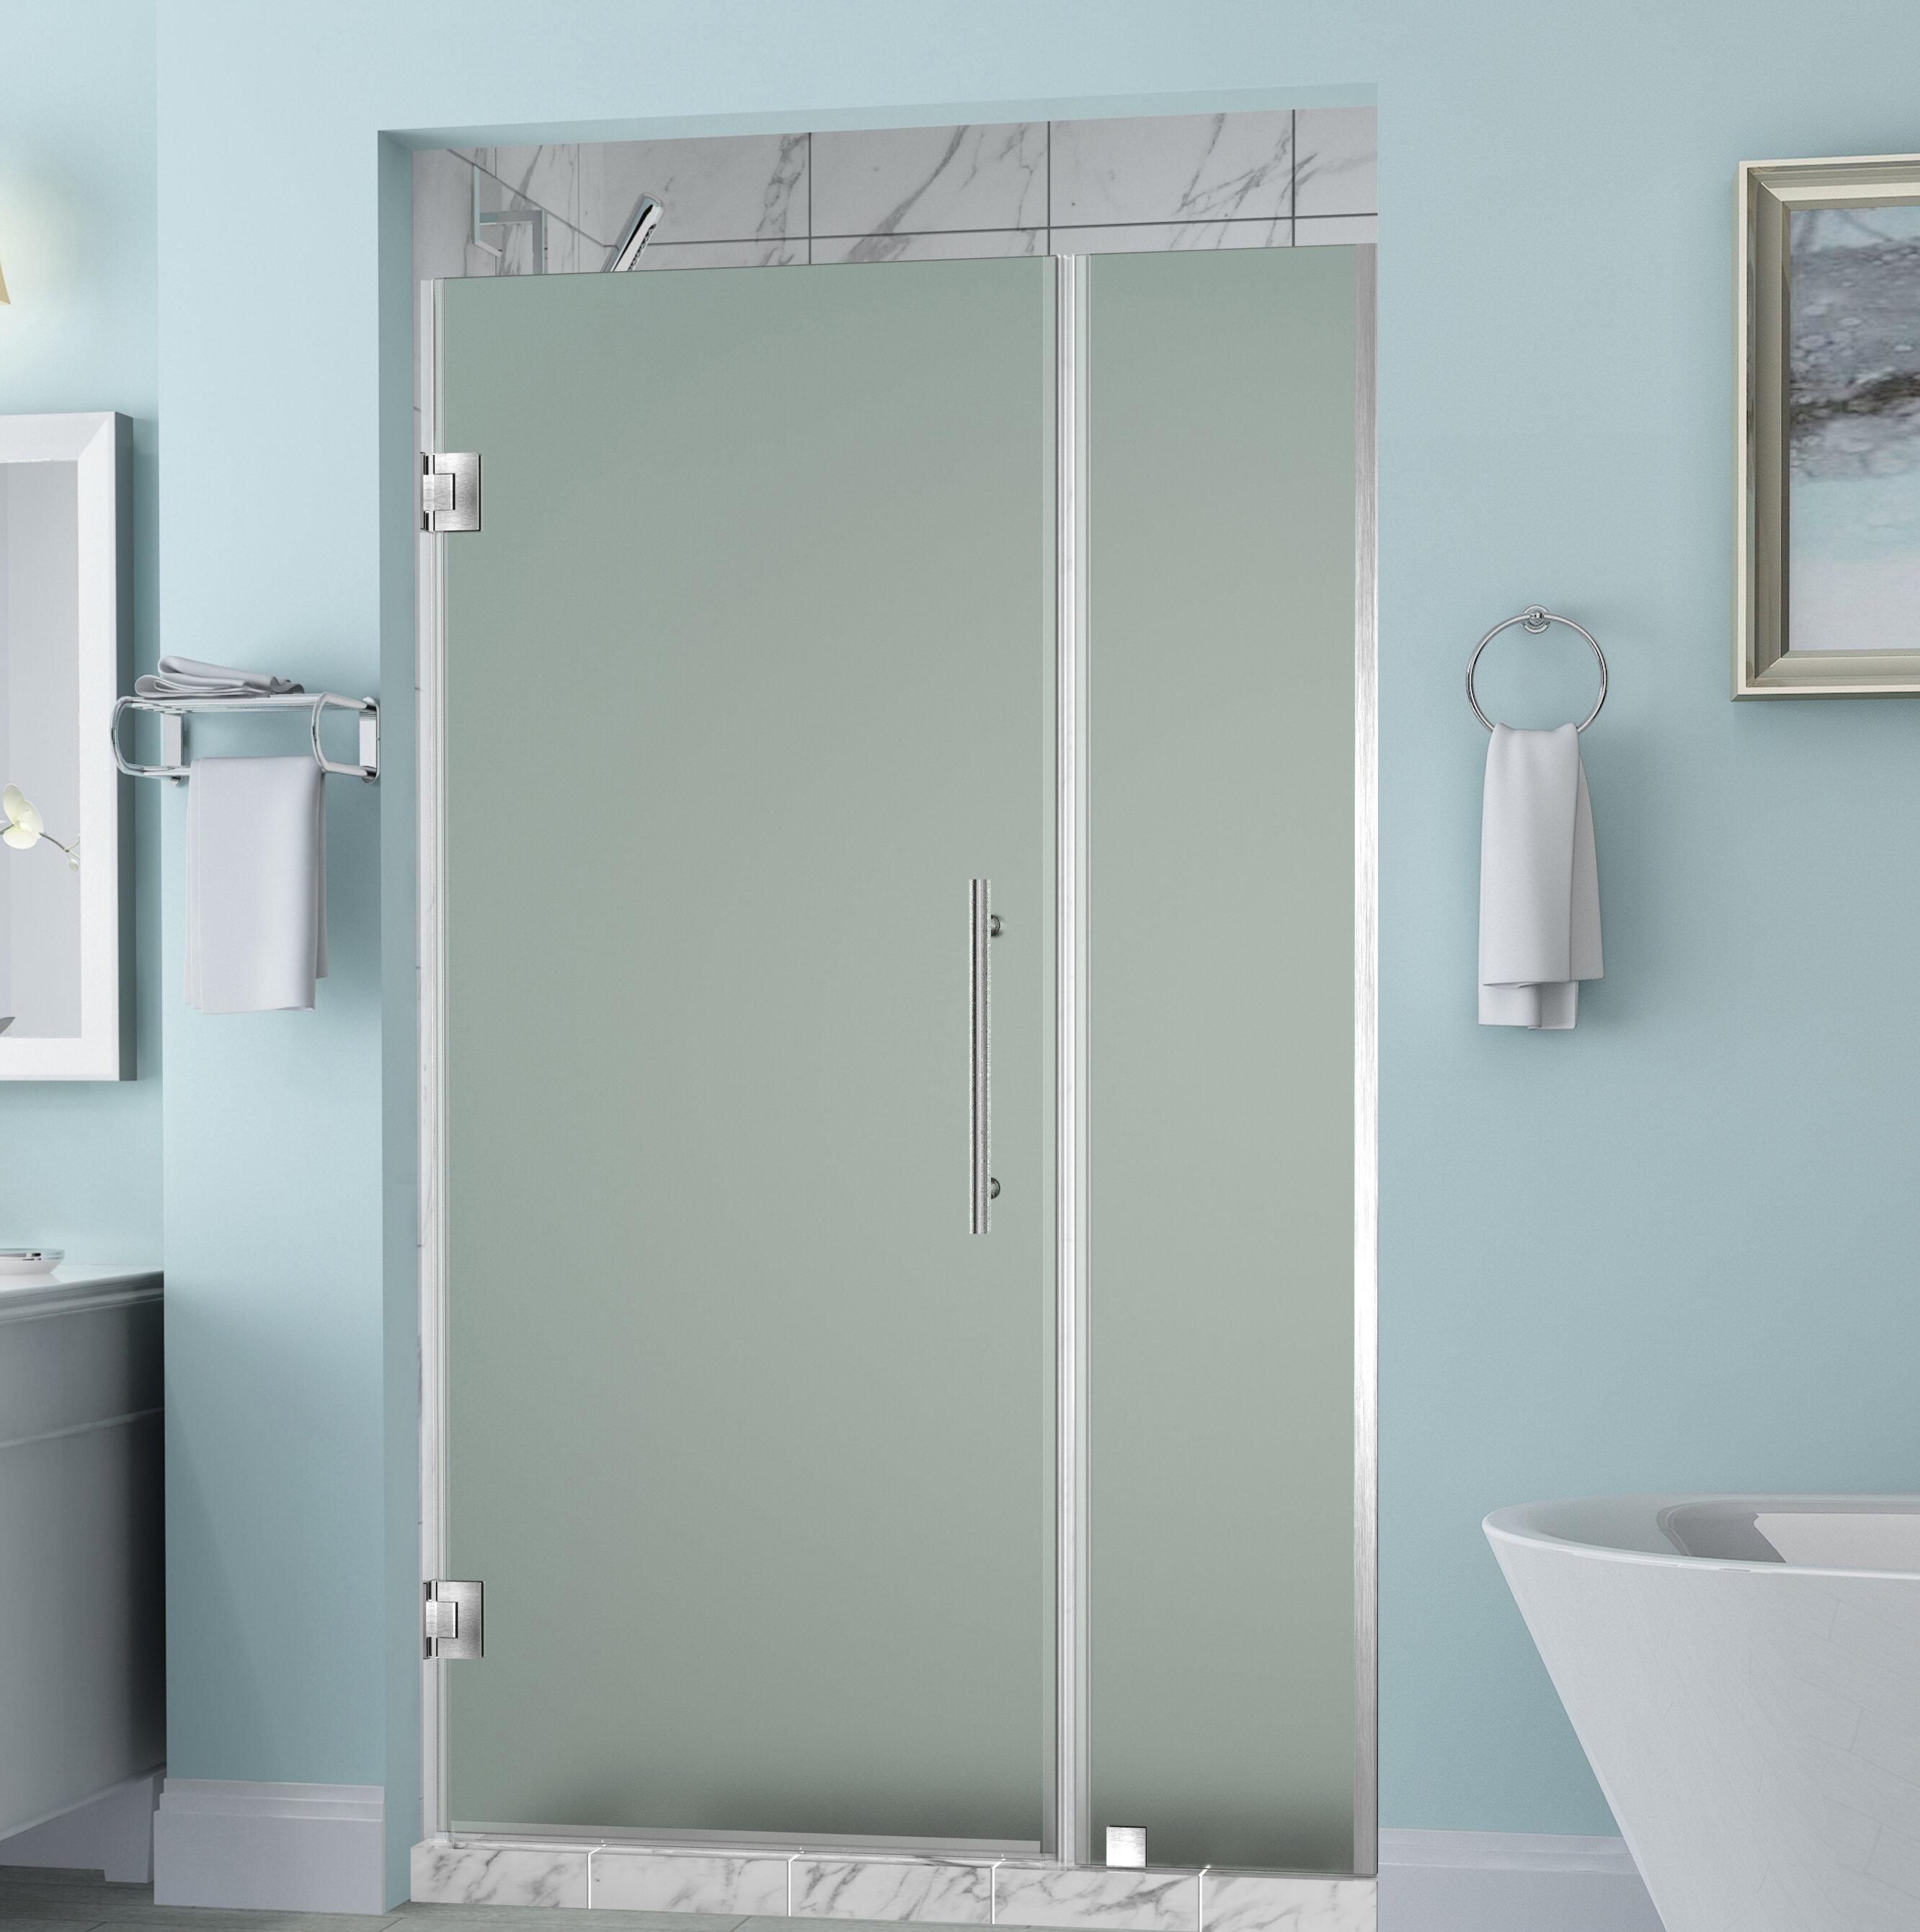 Belmore 59 X 72 Hinged Frameless Shower Door